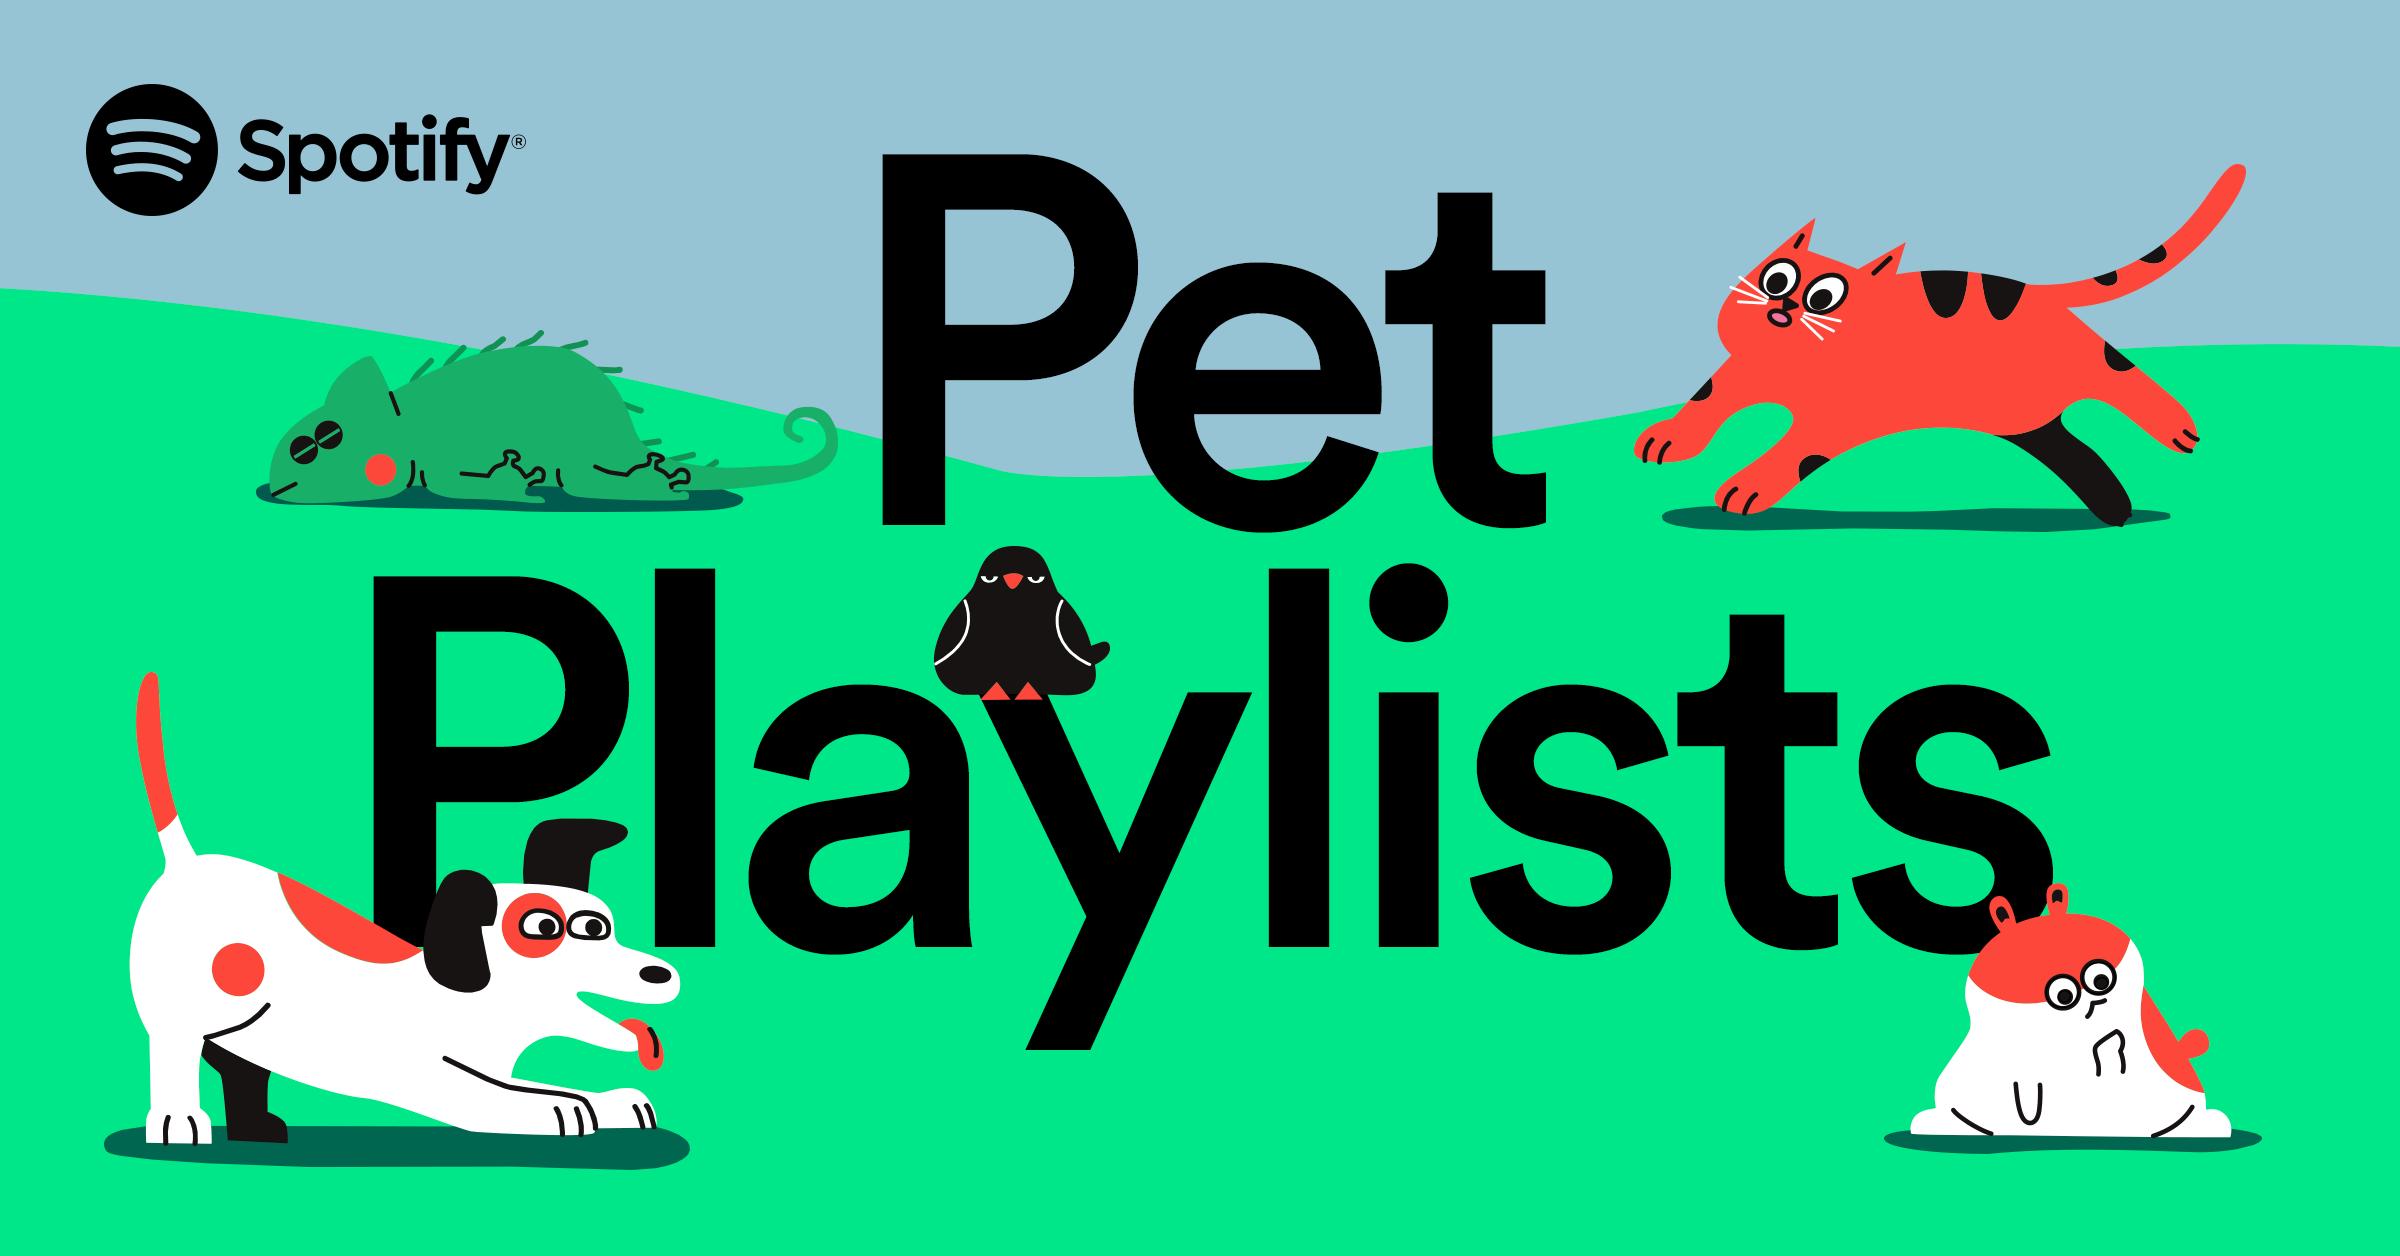 Pet Playlists by Spotify